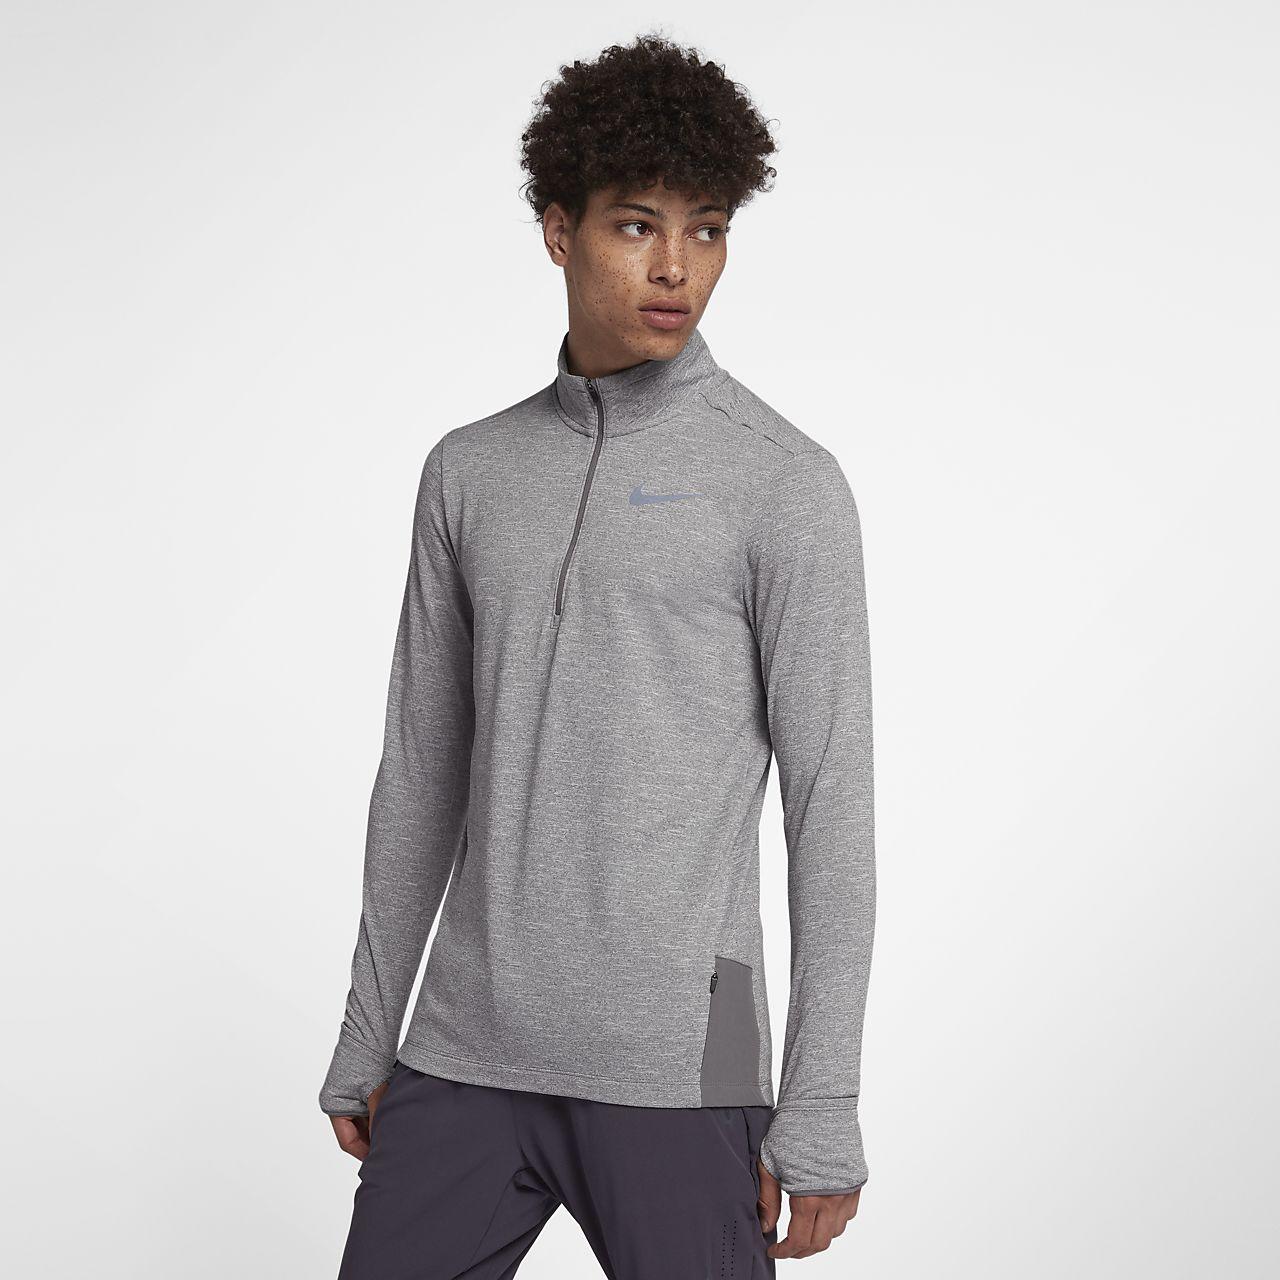 Nike Therma Sphere Herren-Laufoberteil mit Halbreißverschluss